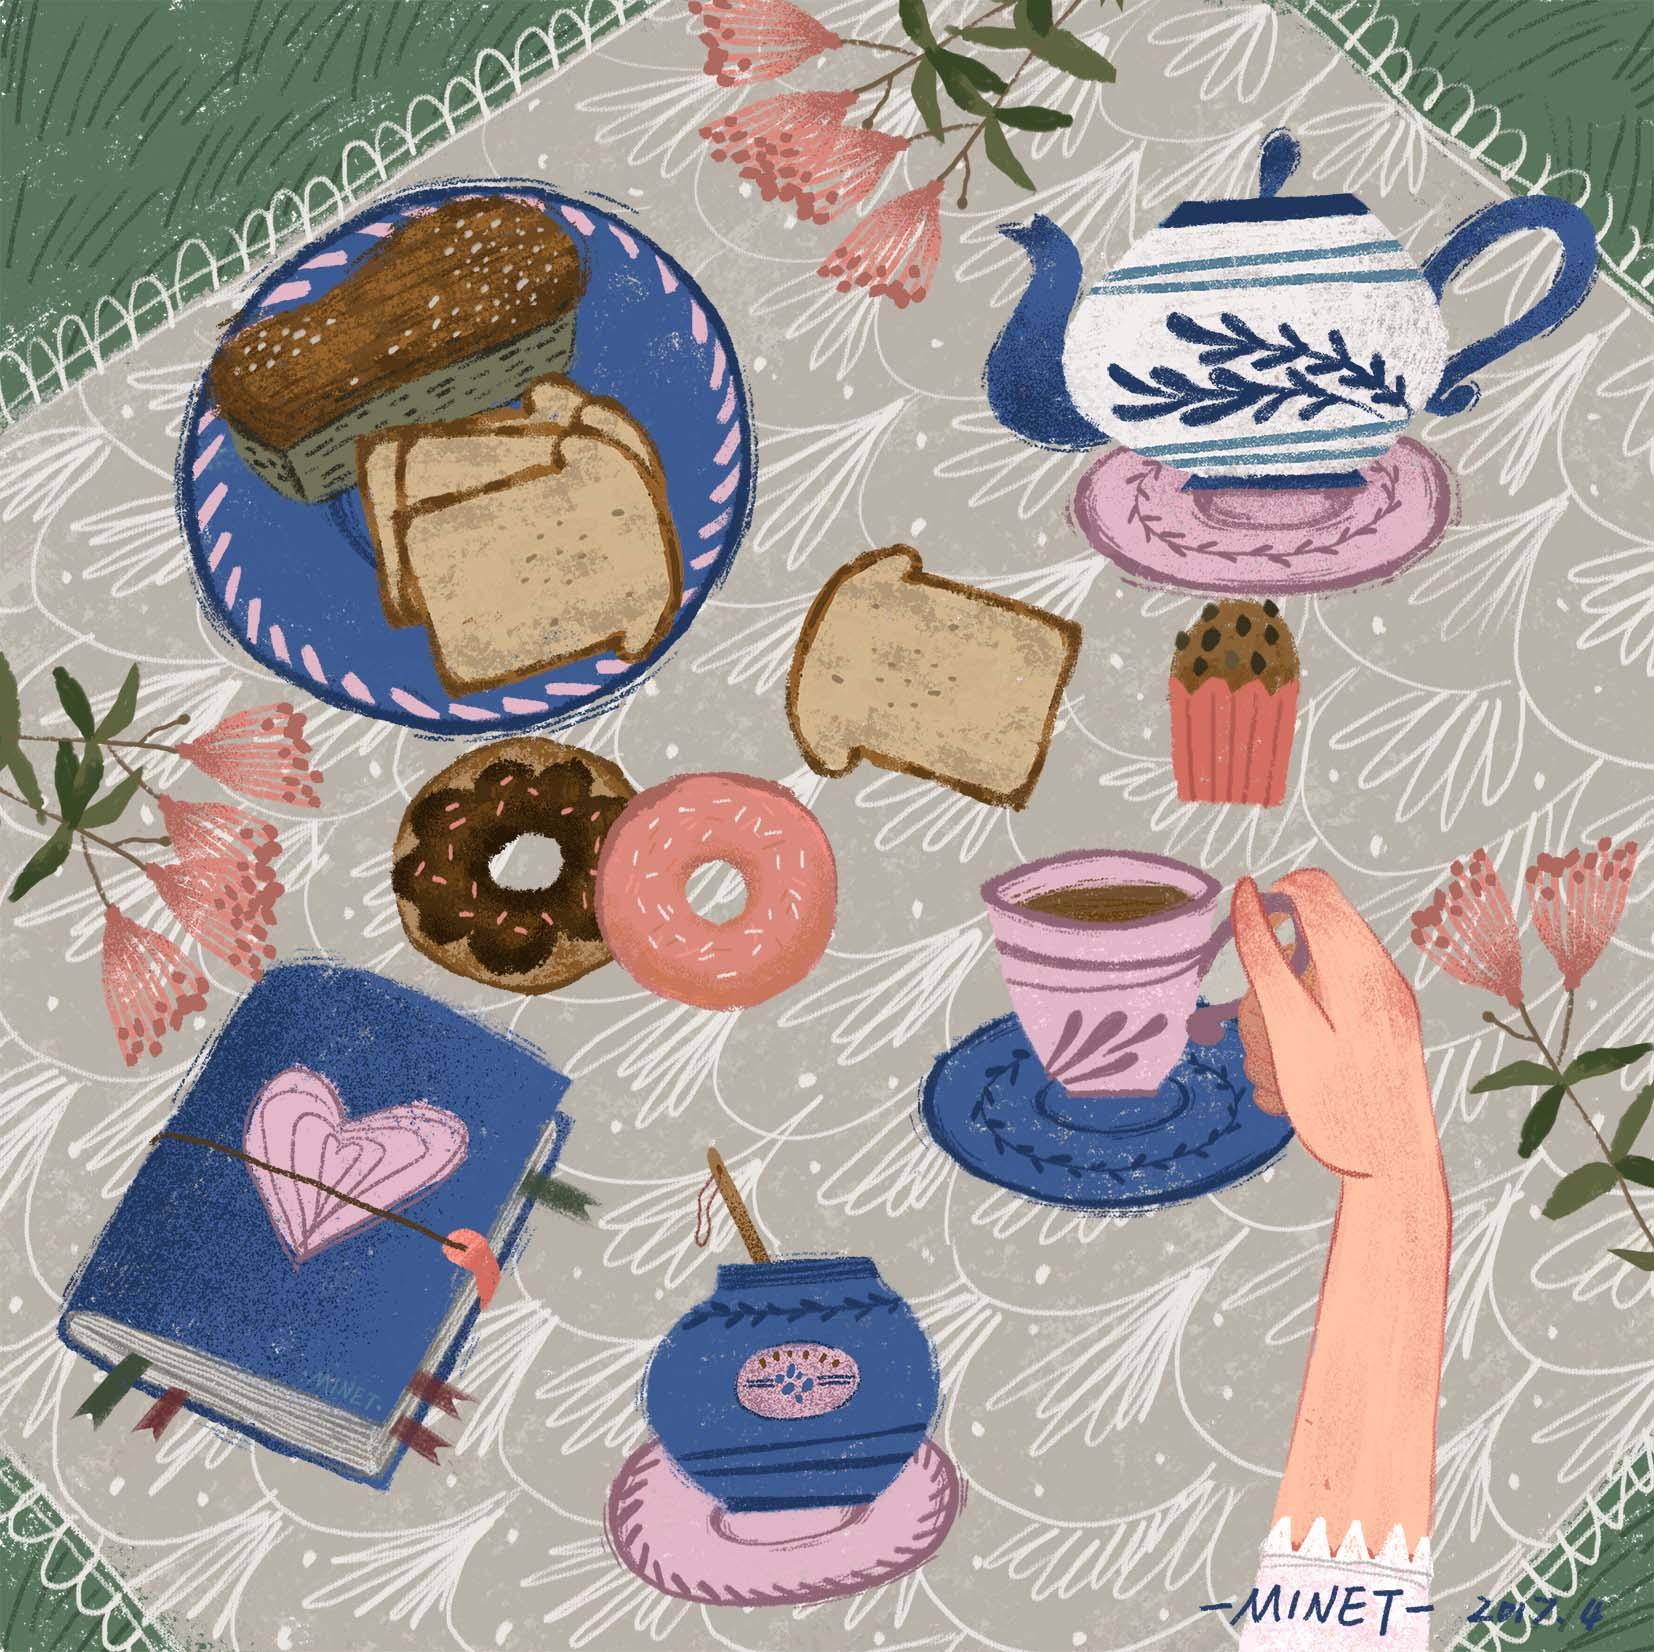 下午茶时间·手绘插画